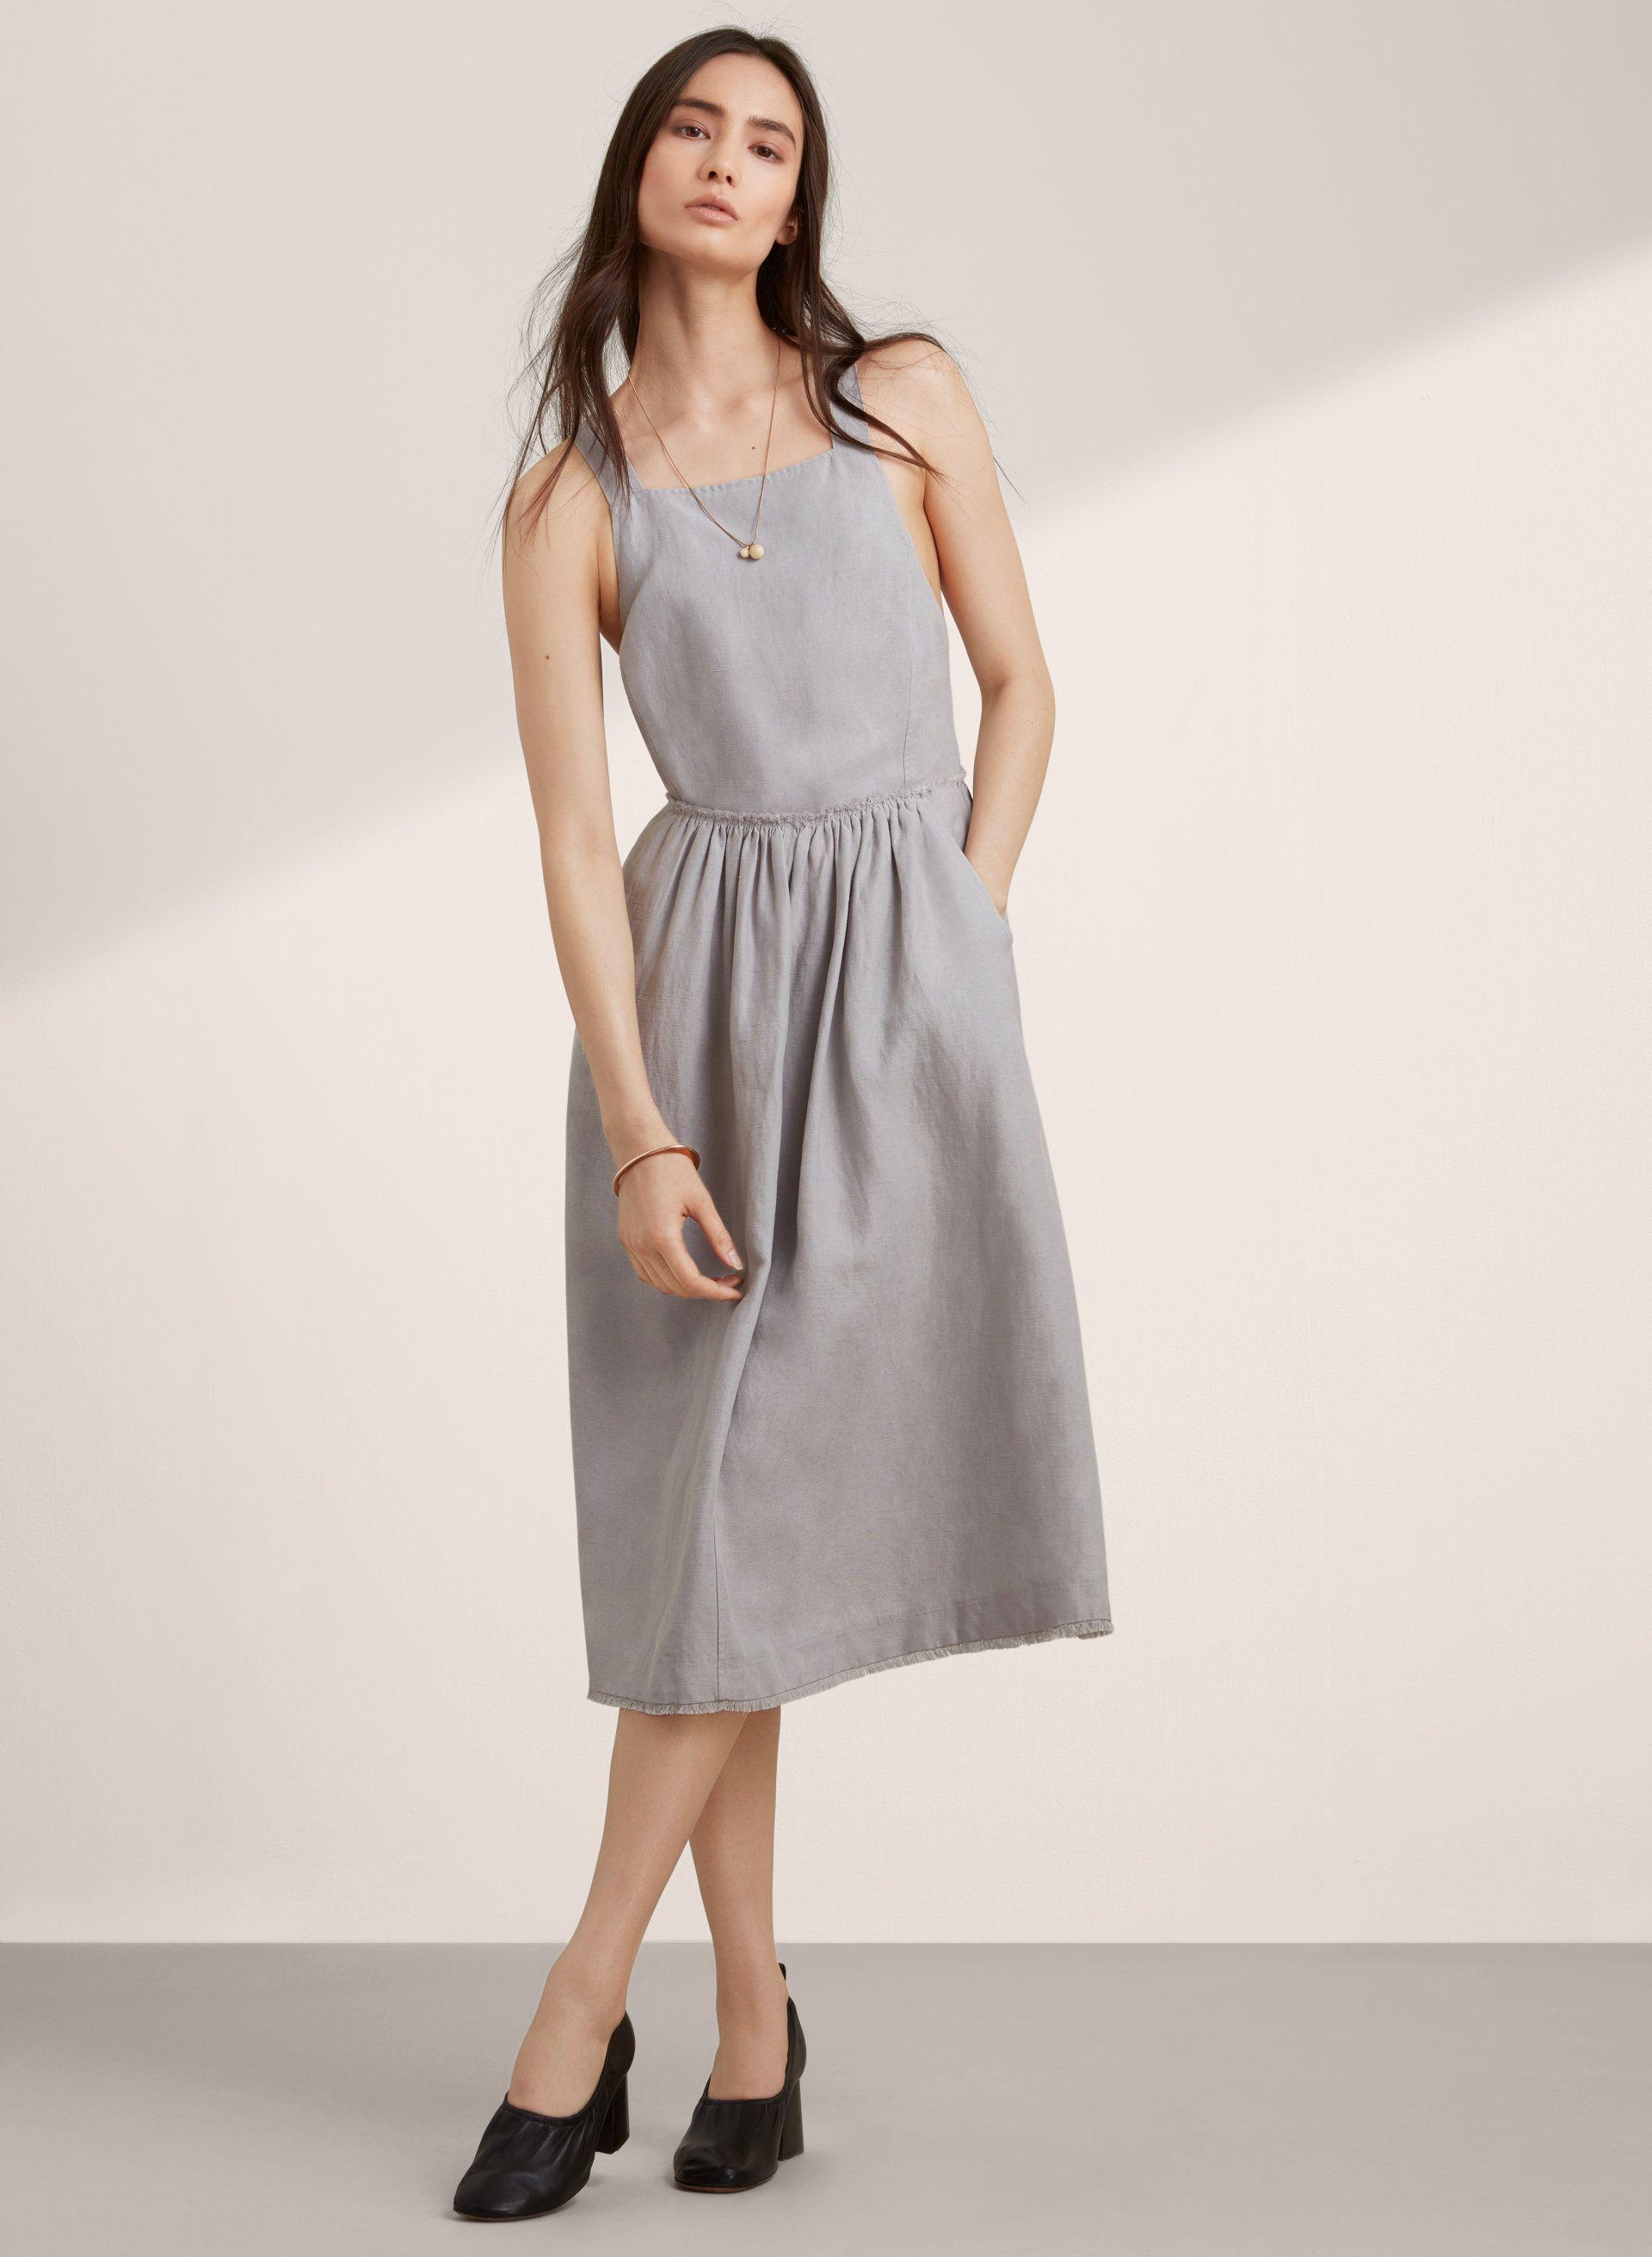 54c0f6146e Wilfred HYMNE DRESS